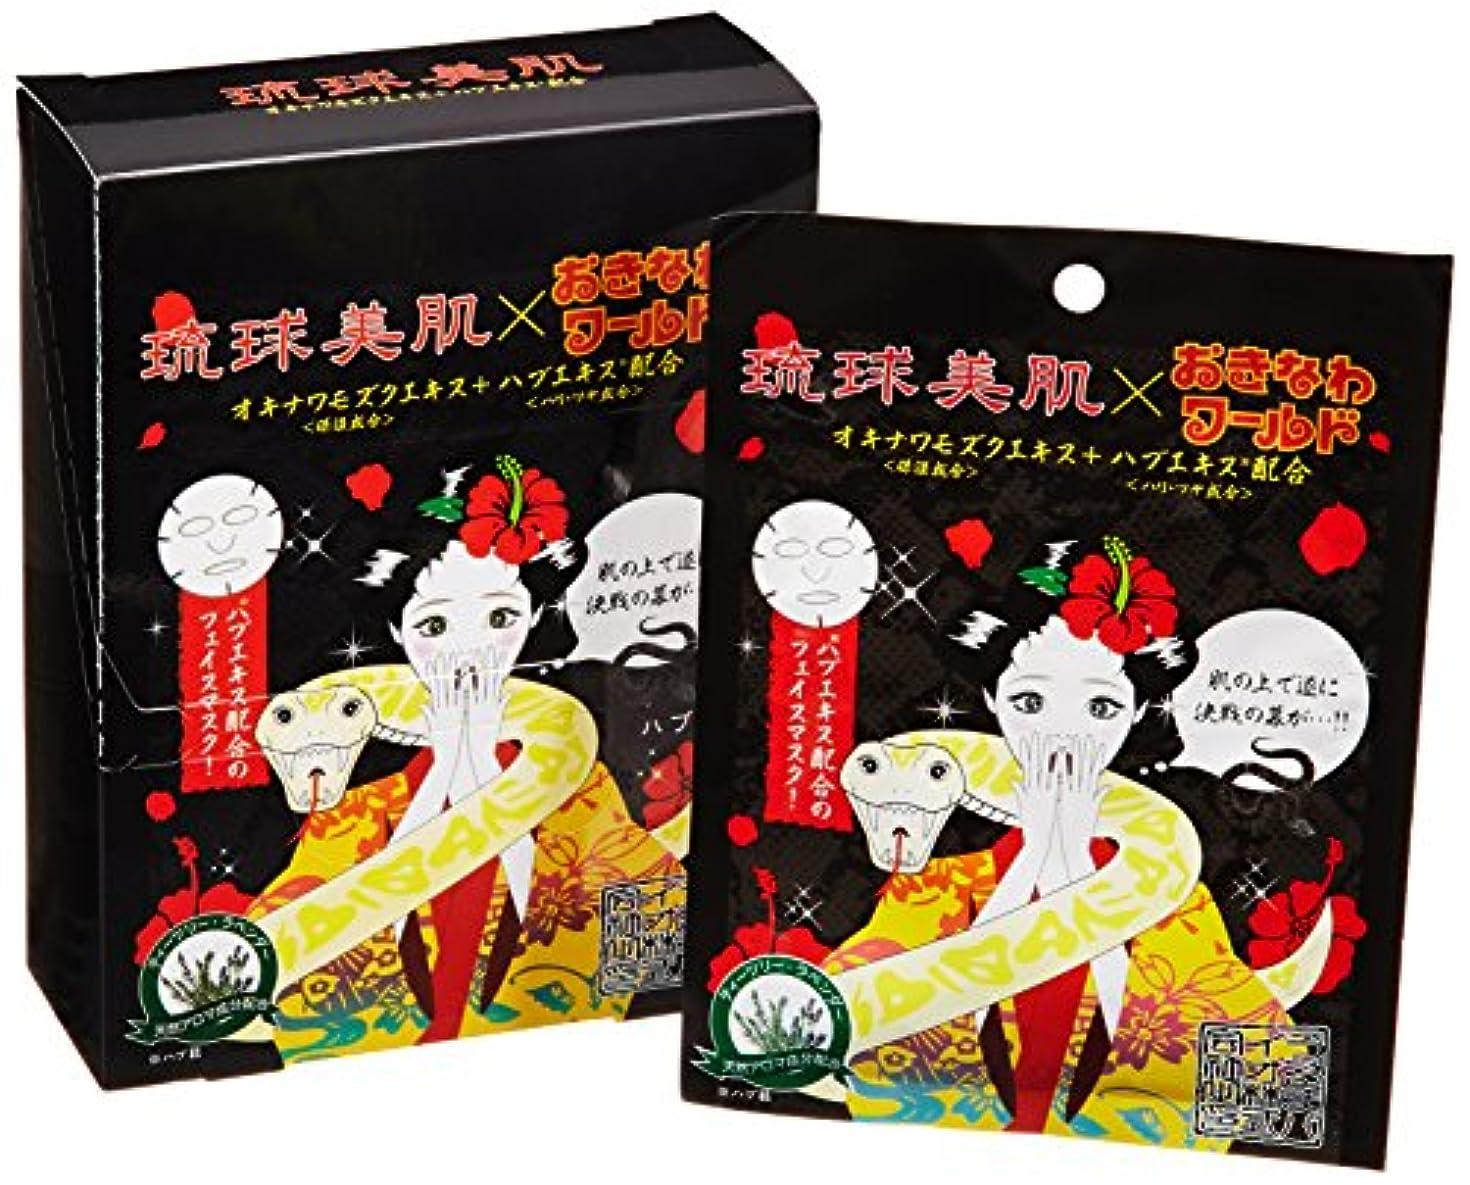 売る勧告ナチュラル琉球美肌 フェイスマスクシート(ハブ) 天然由来のティーツリー&ラベンダーの香り 10枚セット